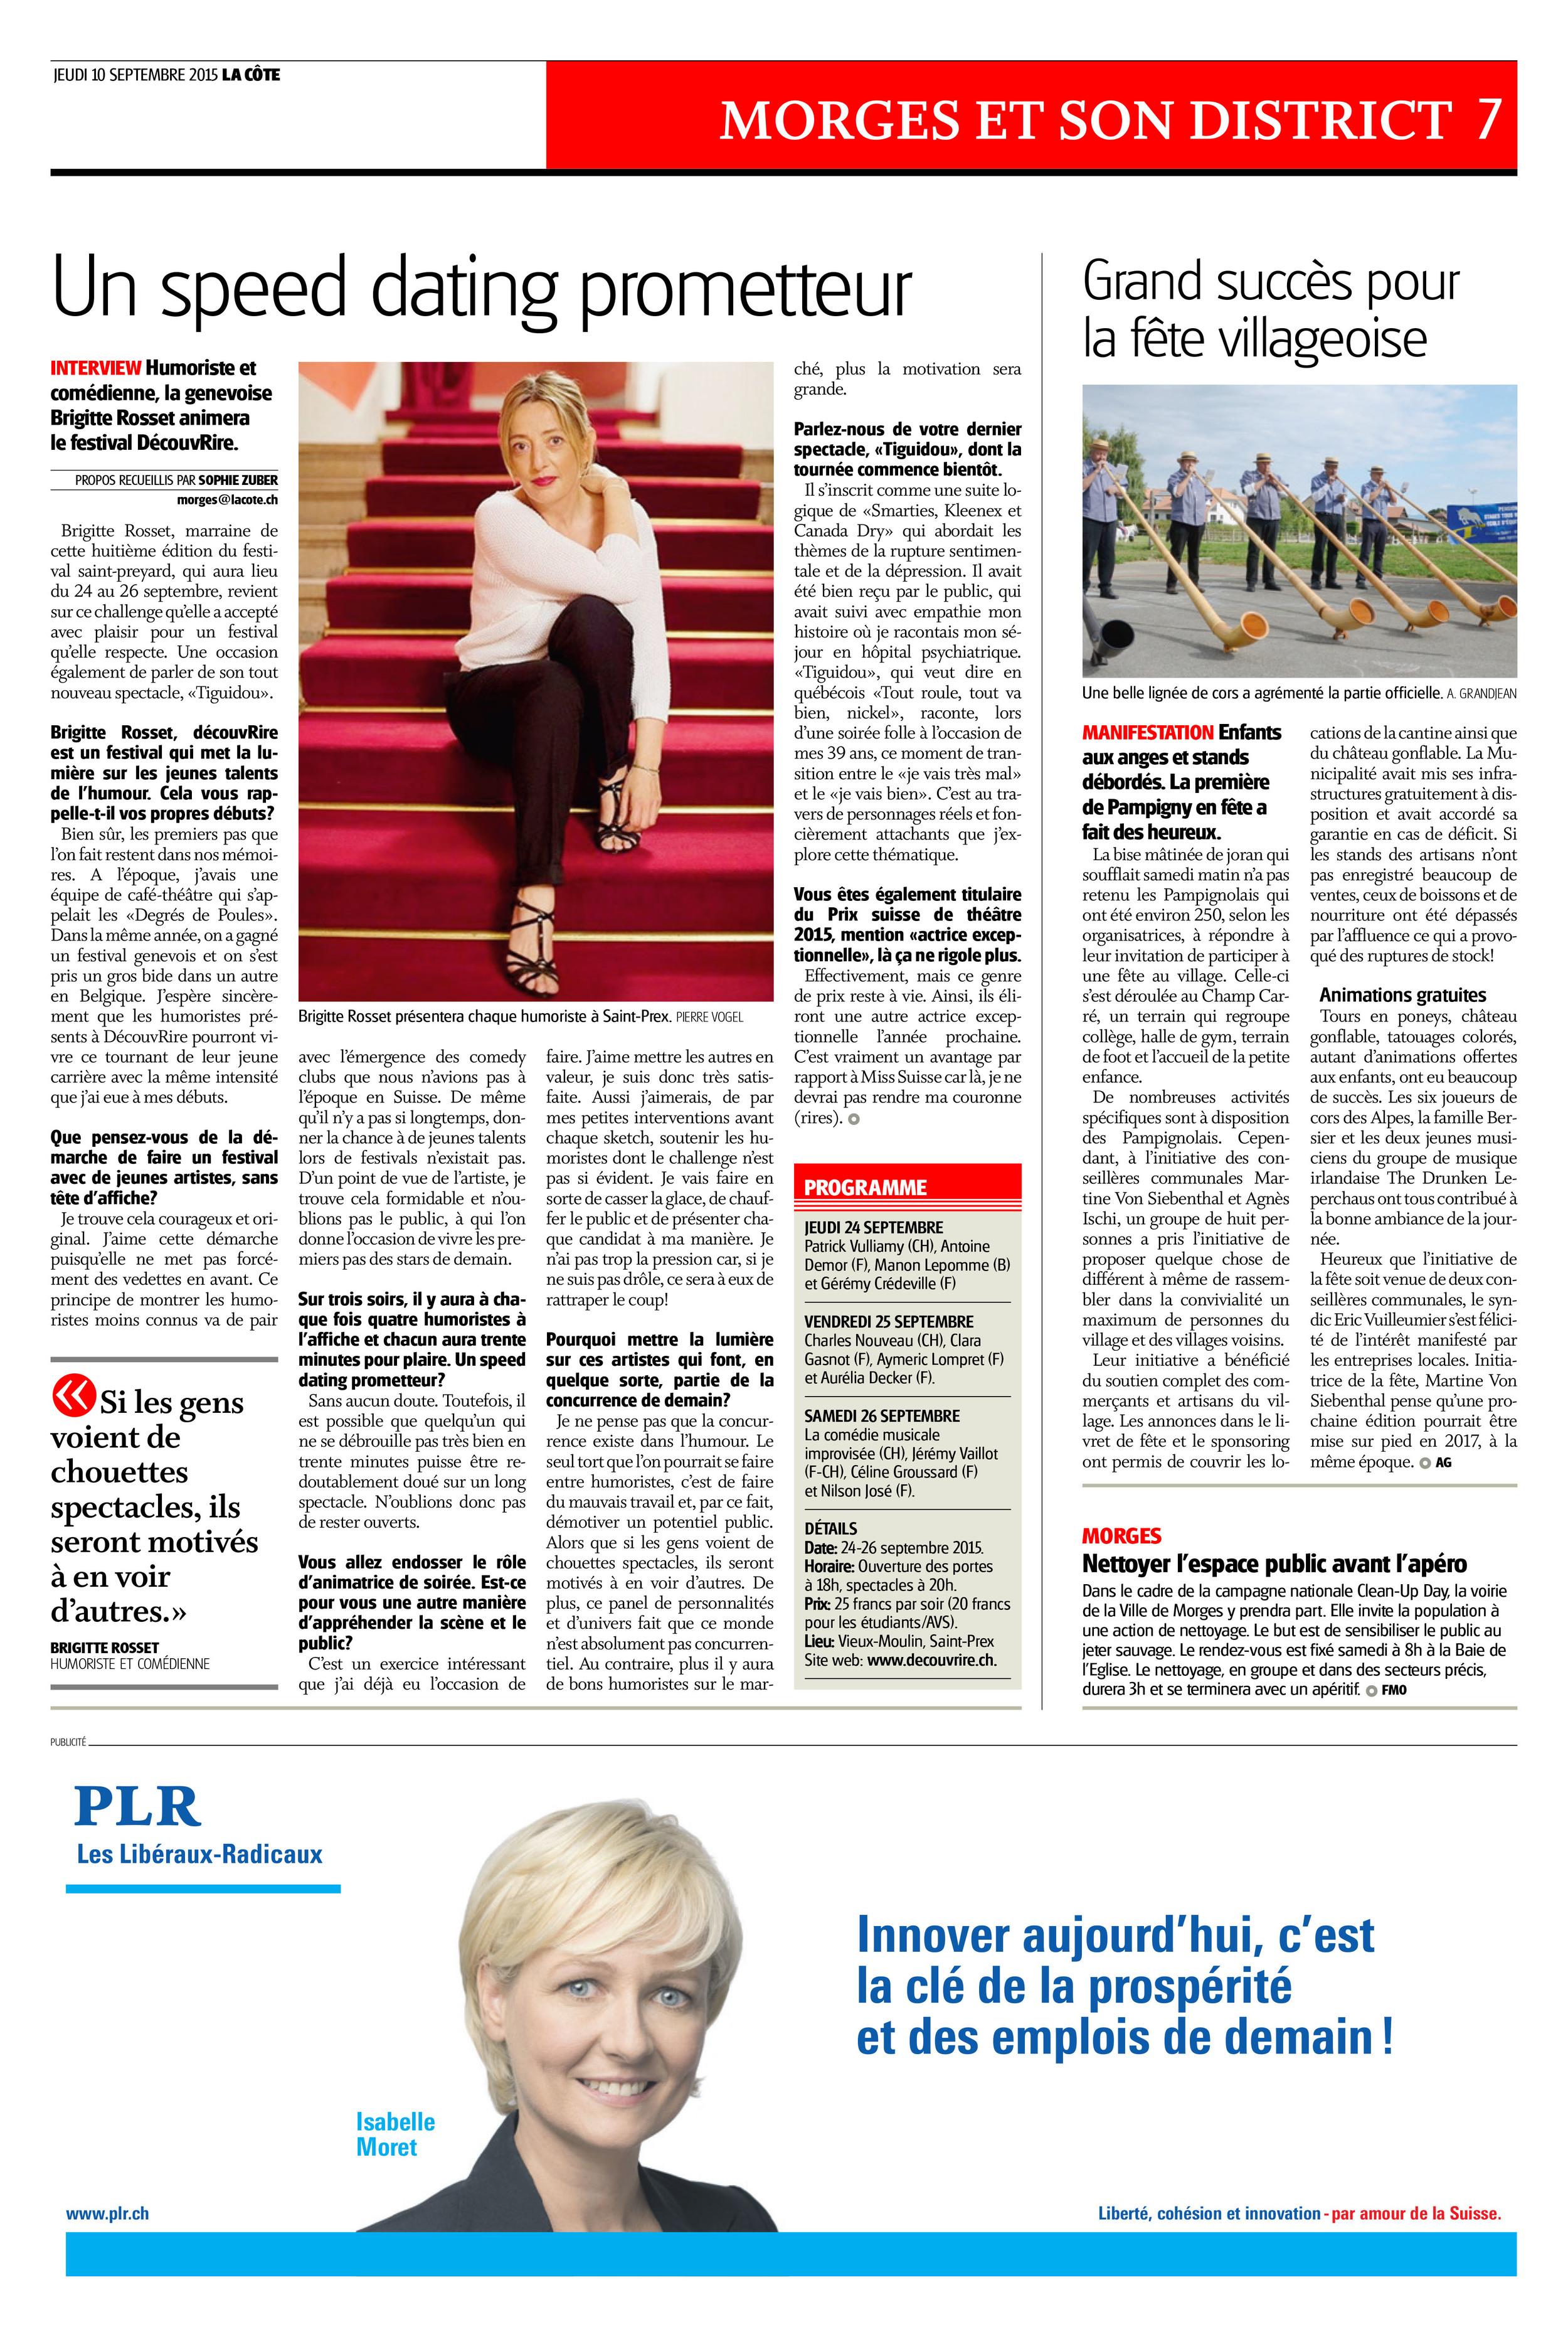 COTE_2015_09_10_Jeudi - LA_COTE -   Morges et son district - pag 7.jpg